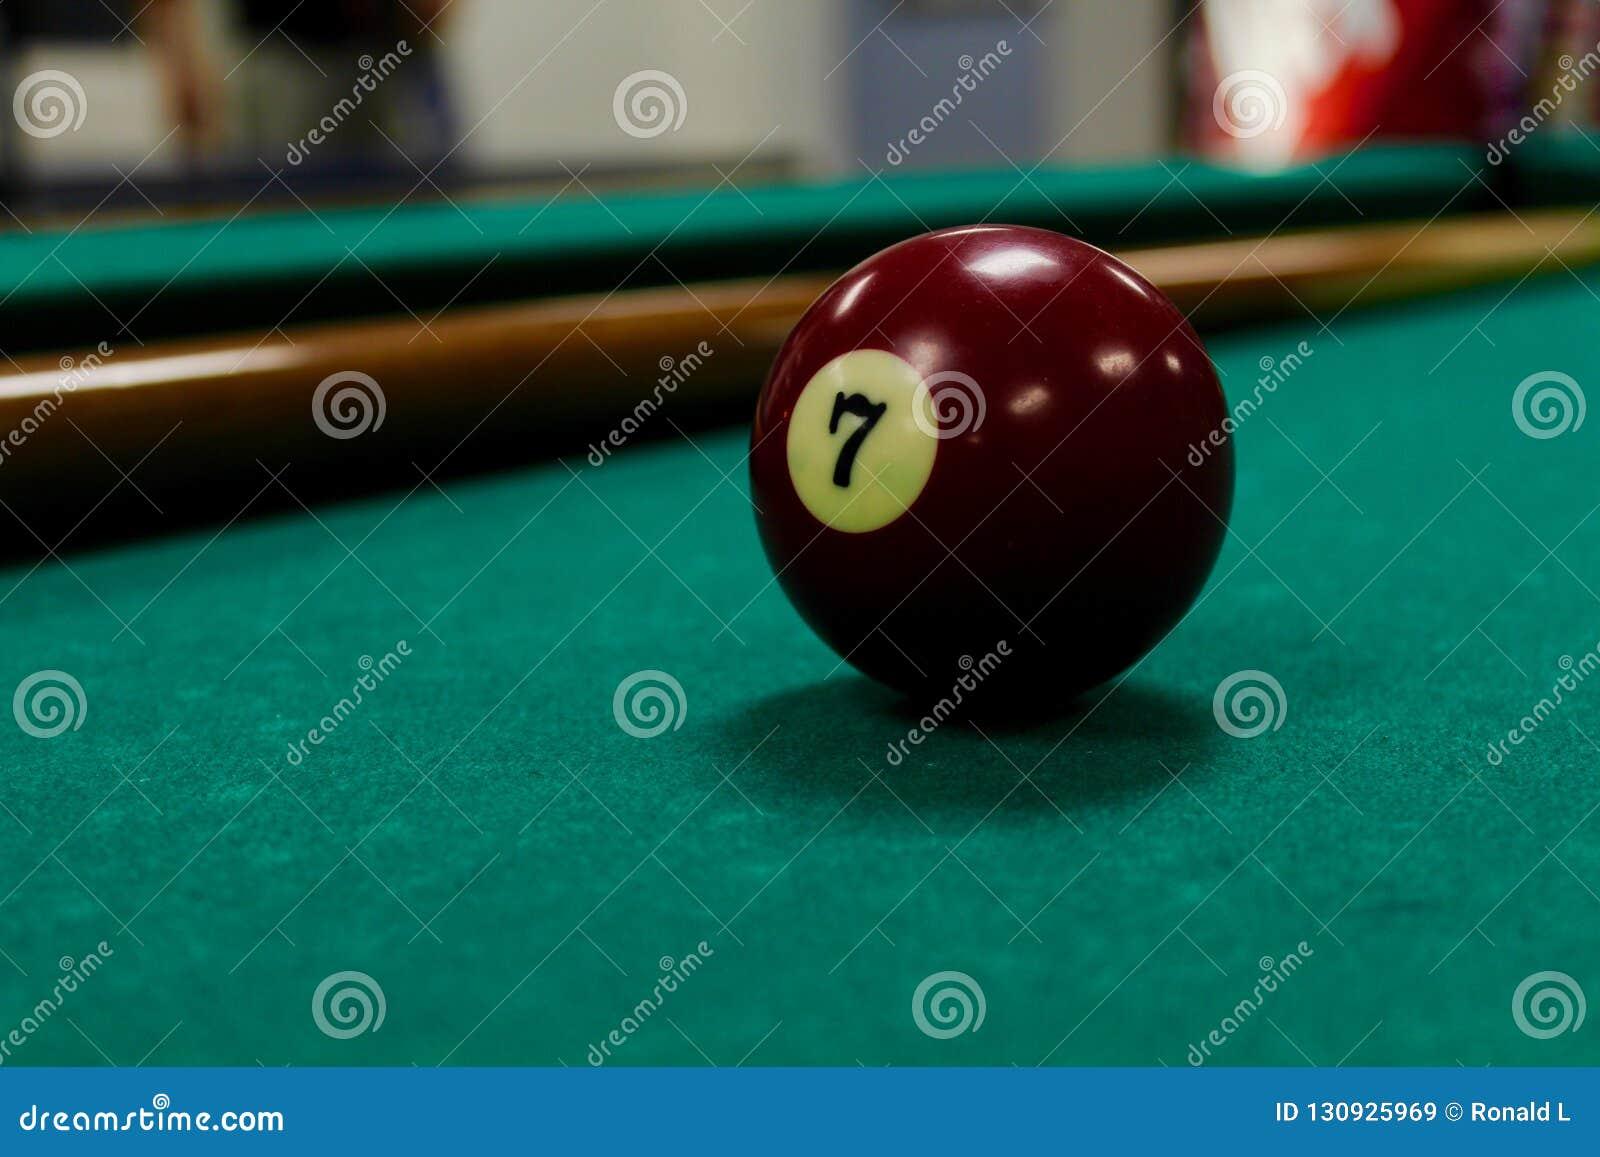 Pool ball 7